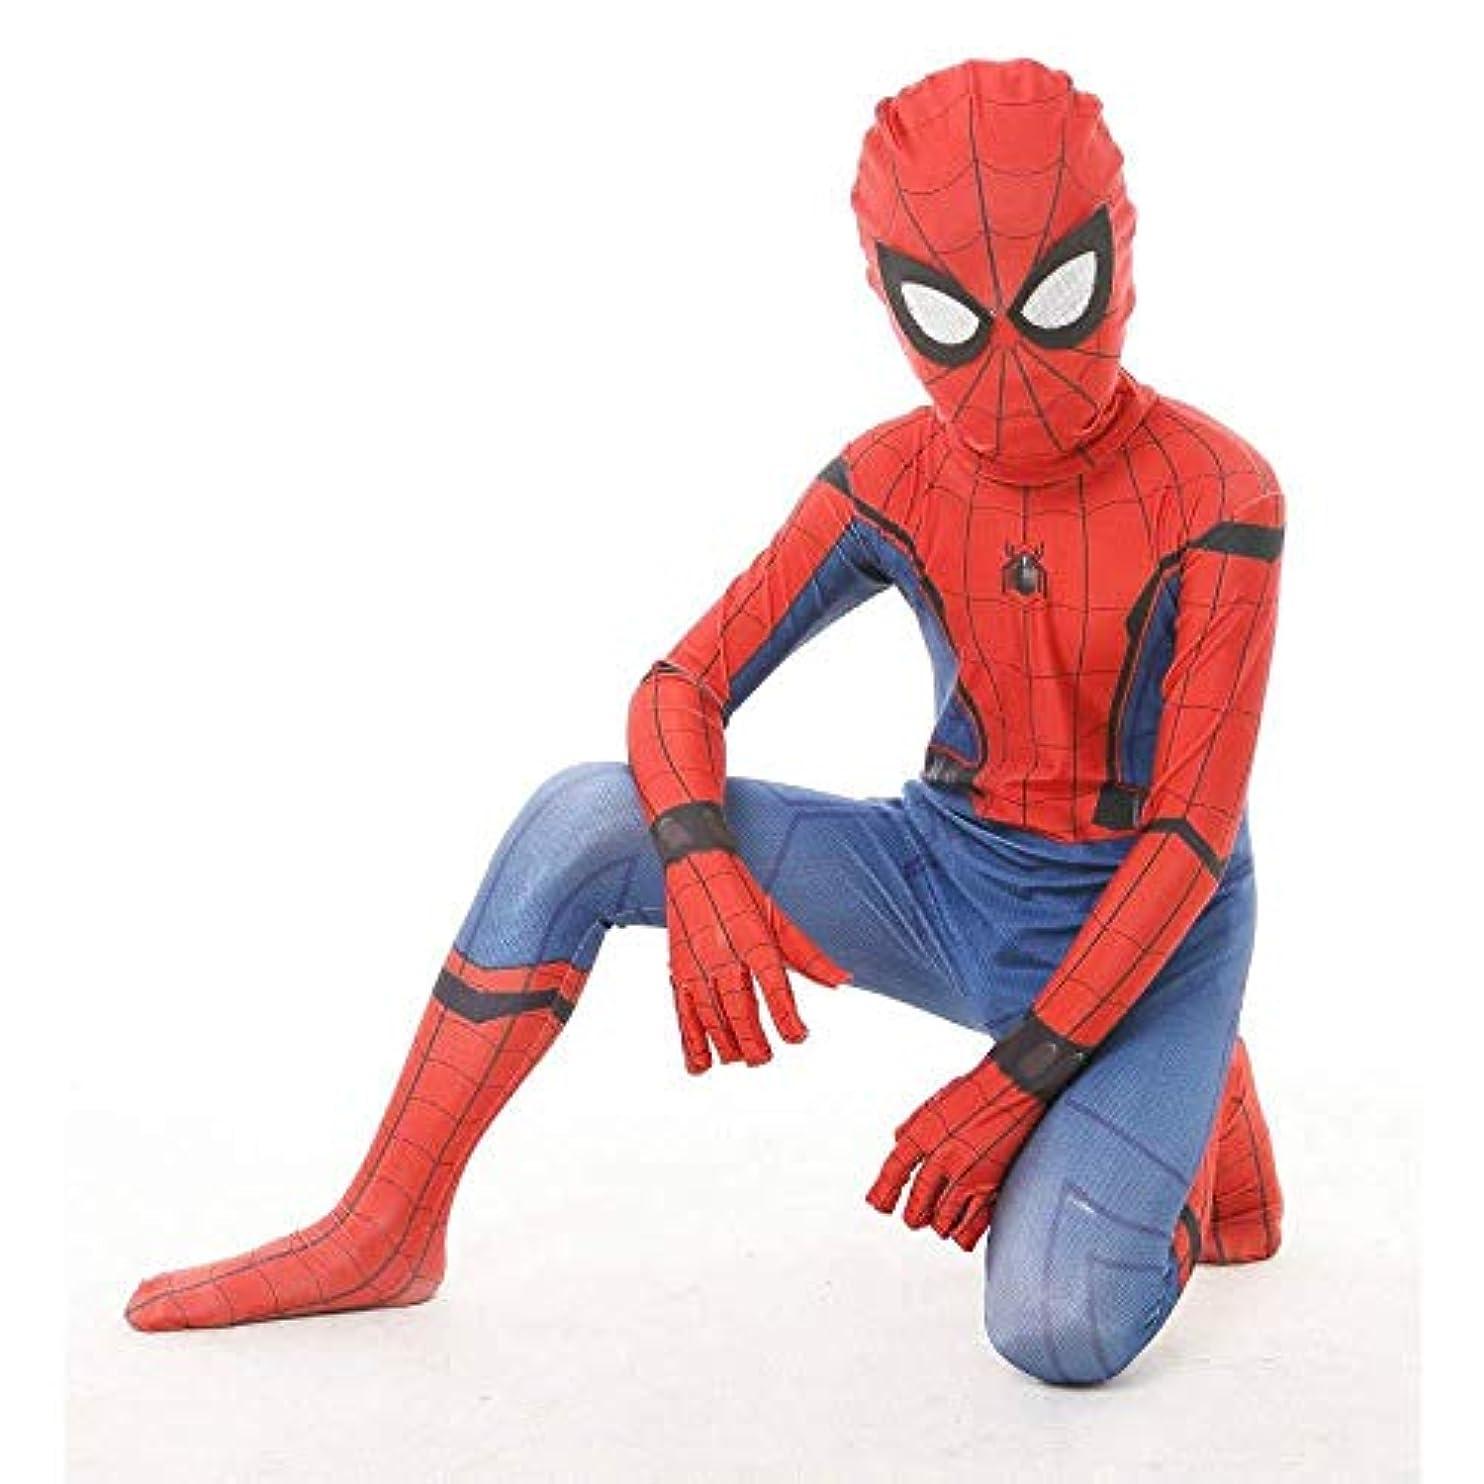 不定前書き加害者子スーパーヒーロースパイダーマンボディスーツハロウィンスパンデックスファンシードレス用男の子取り外し可能なマスクコスプレ衣装,Red-XXL